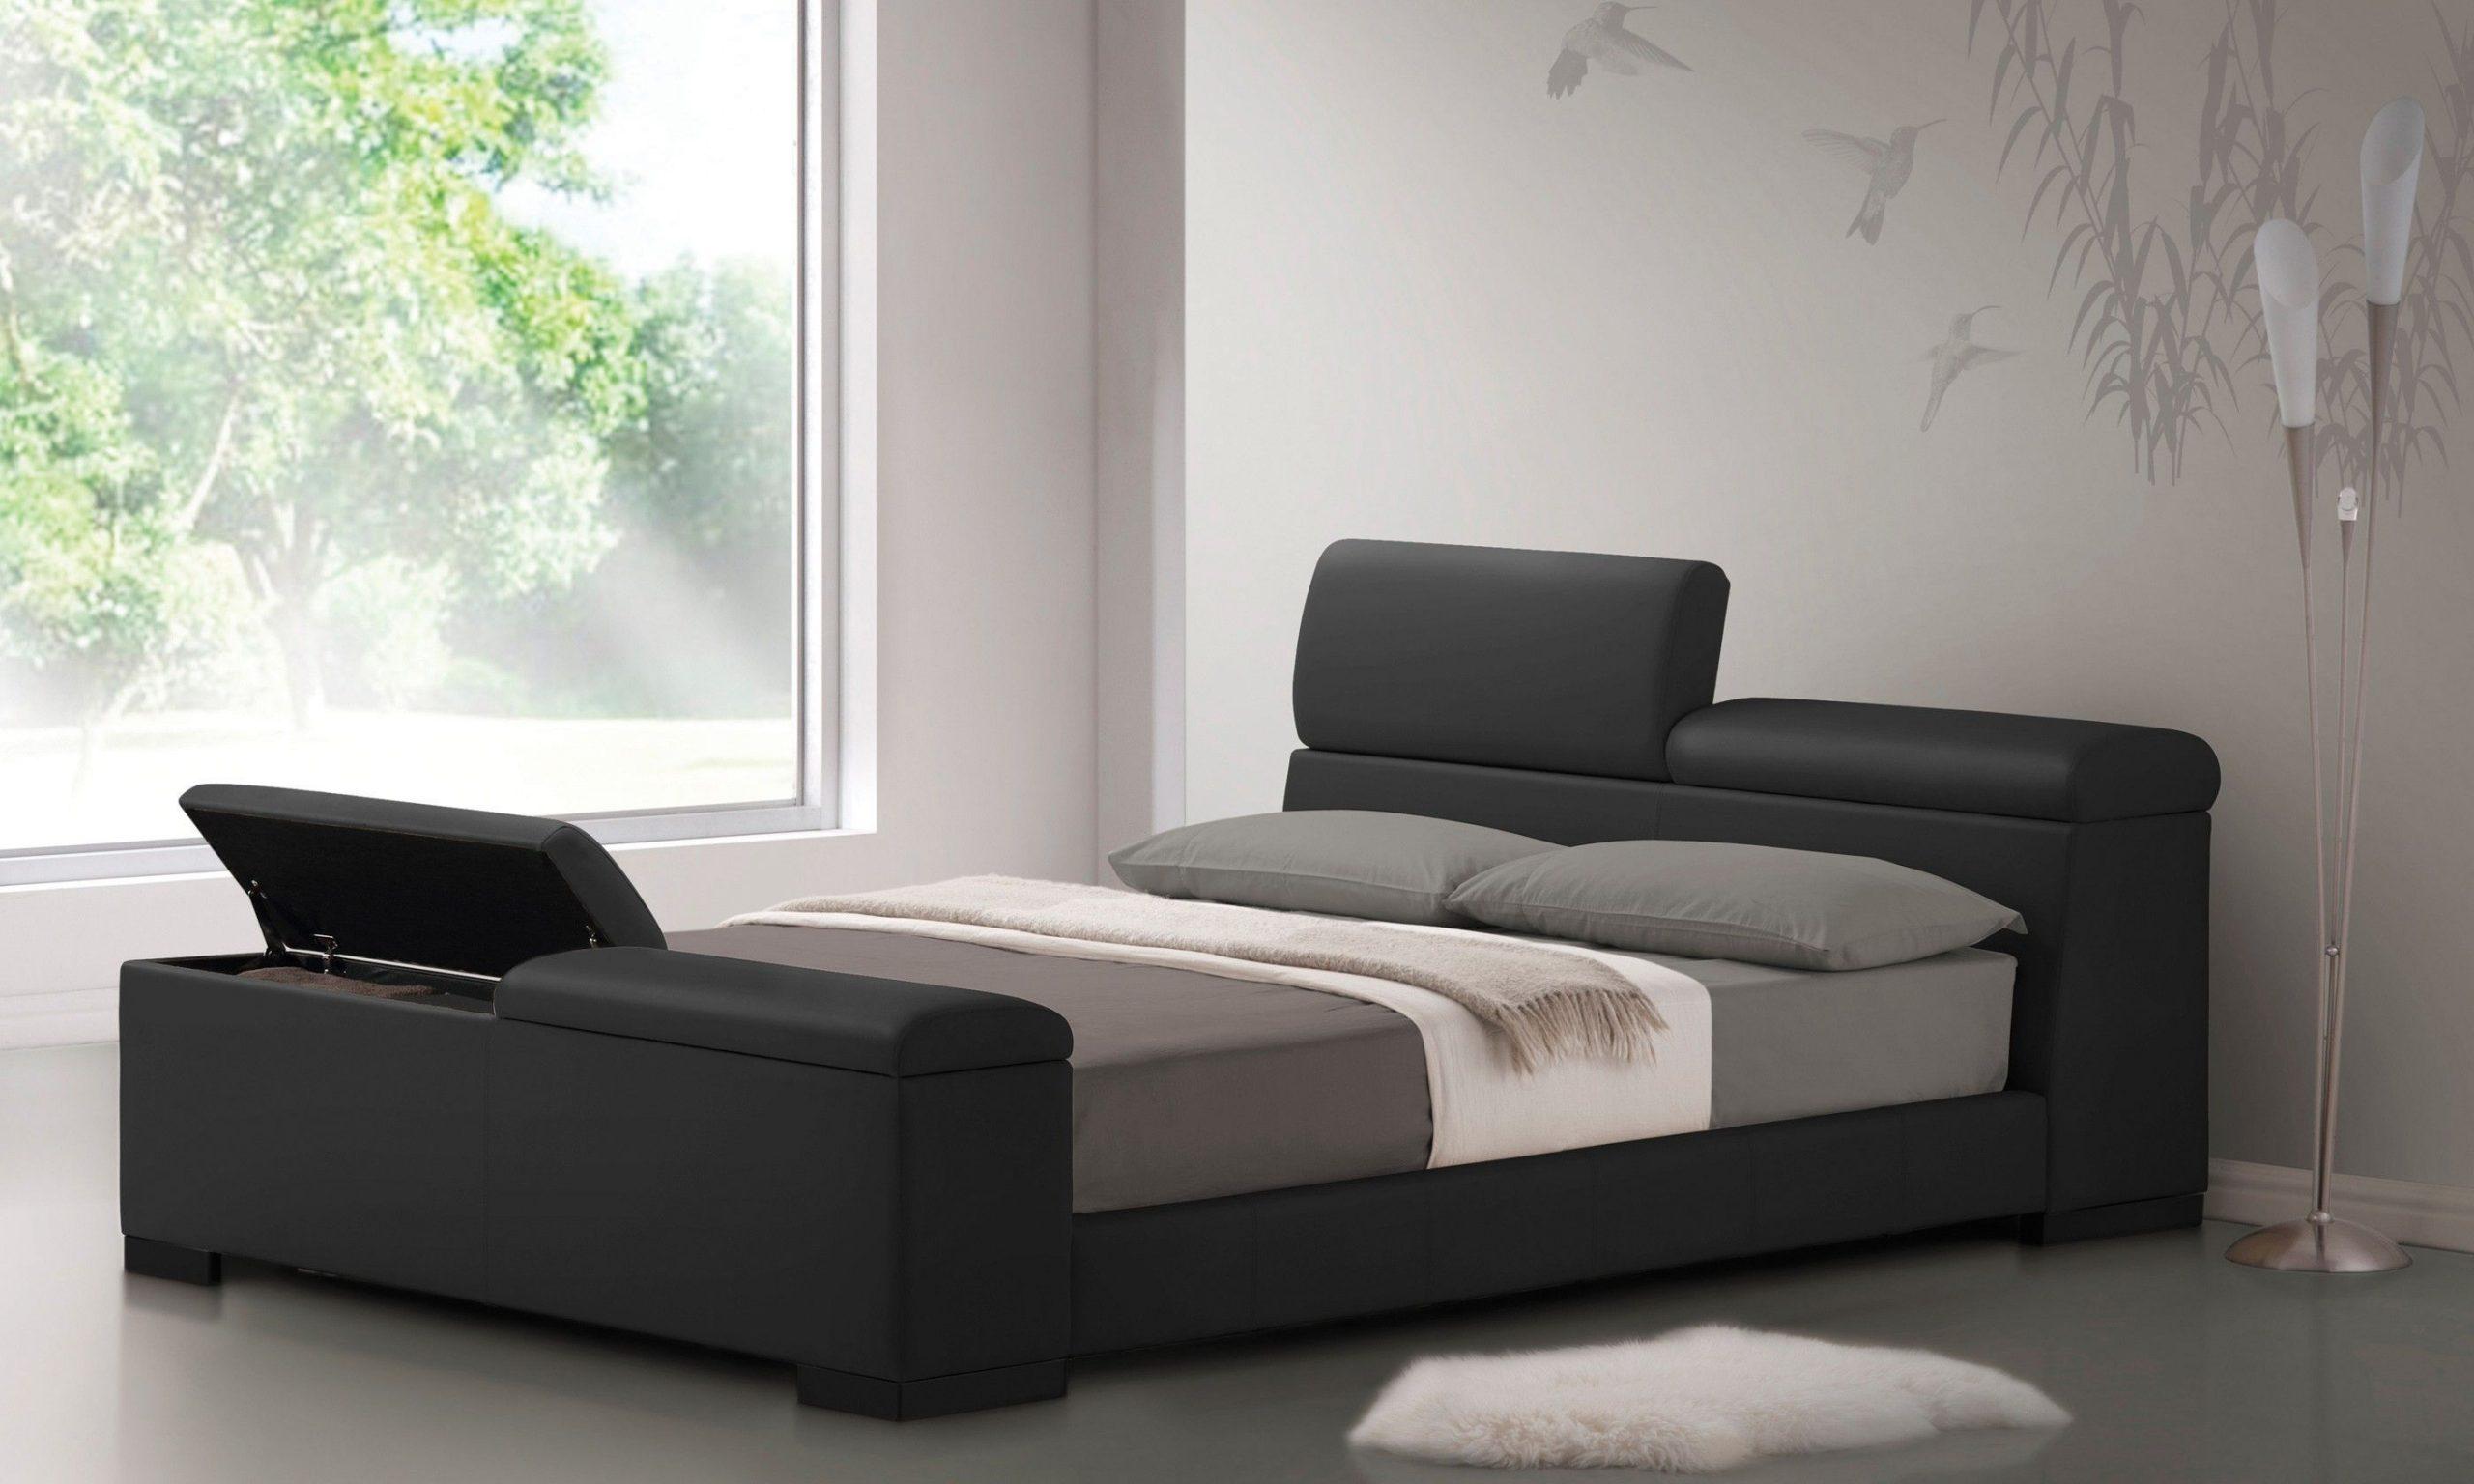 Full Size of Bett Modern Design Italienisches Puristisch Black Bed Without Headboard In A Google Search Minion Altes Betten De 140 Musterring Ohne Füße Breite Kopfteil Bett Bett Modern Design